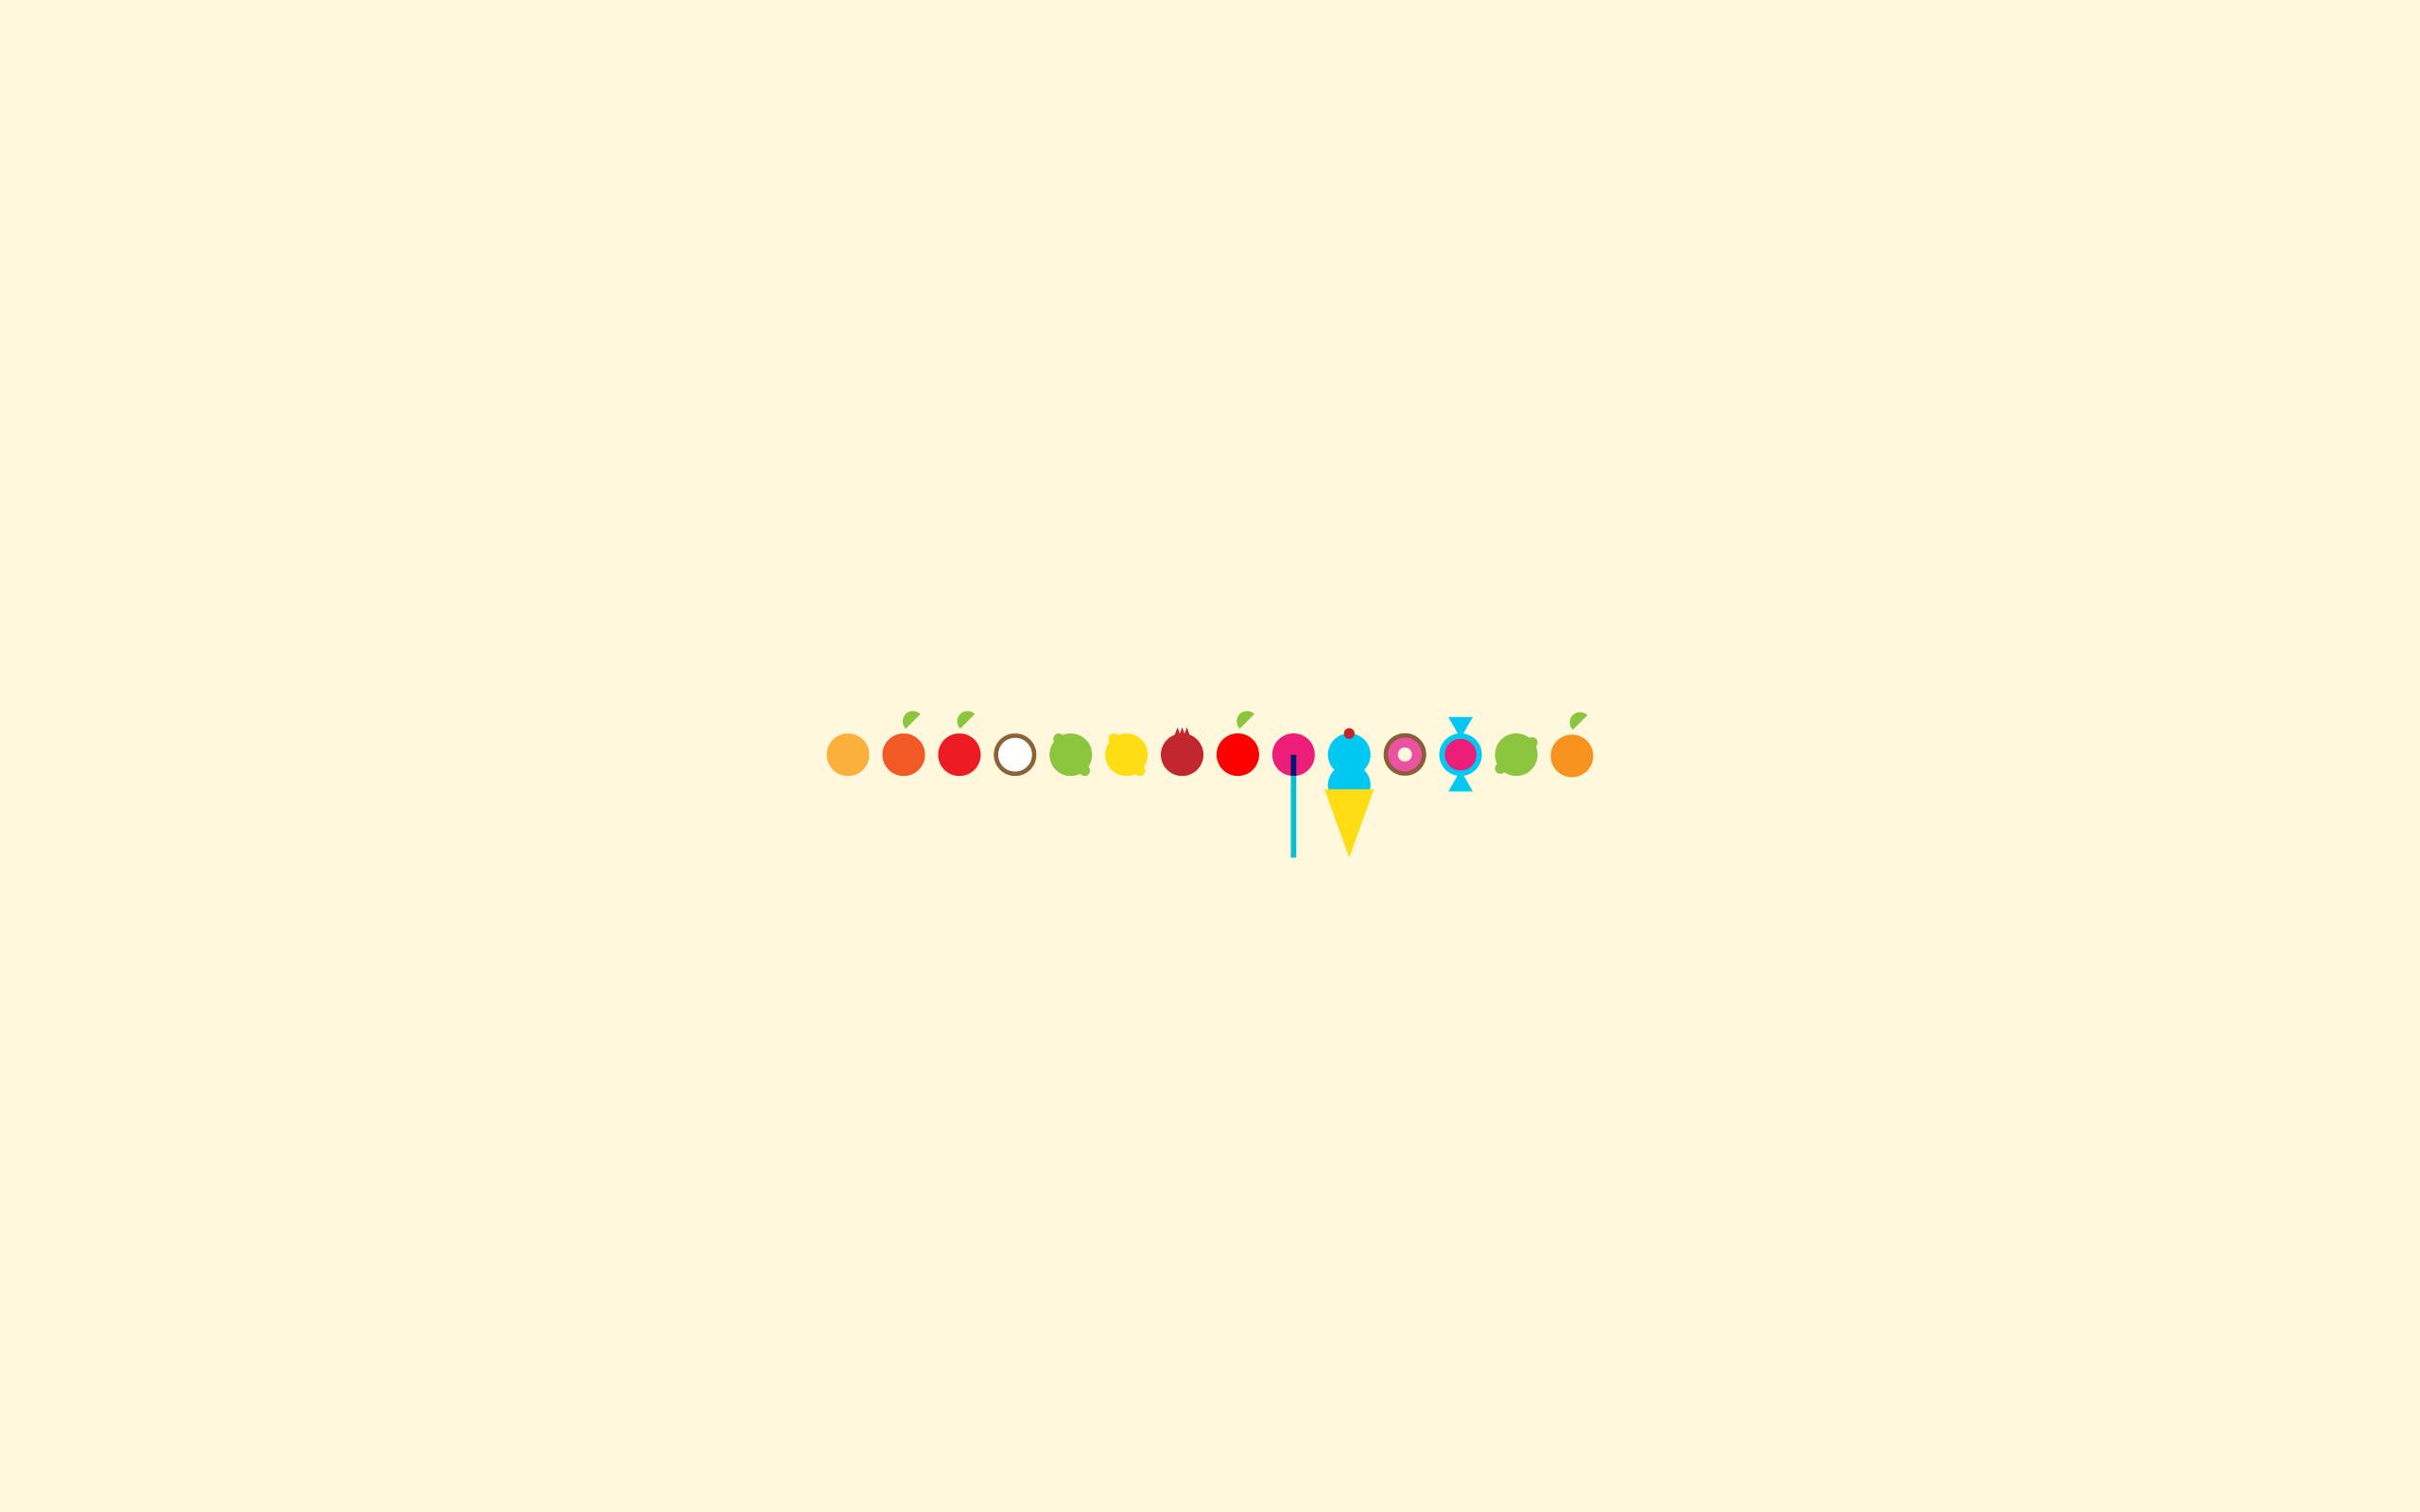 Minimal Wallpaper | just <3 | Pinterest | Minimalist wallpaper, Minimalist  and Minimal